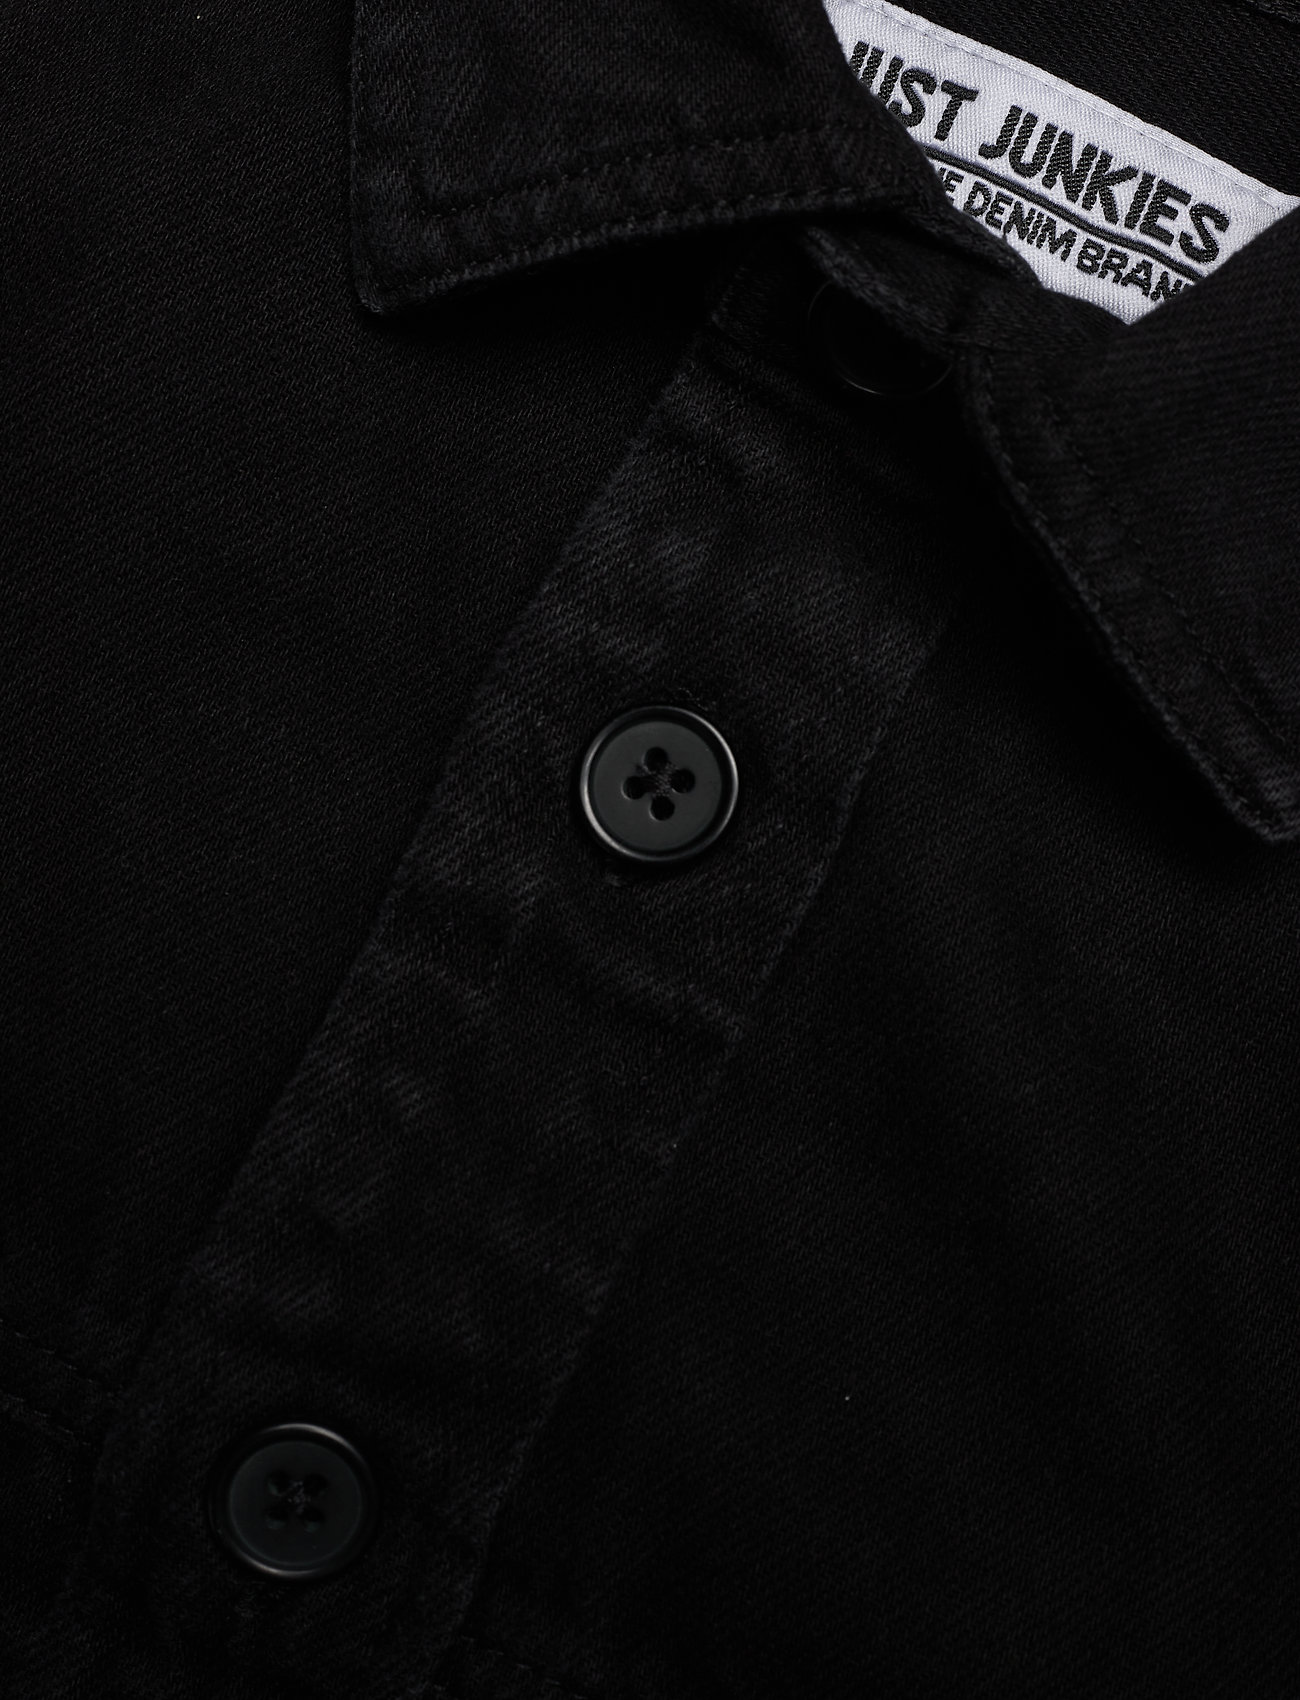 Just Junkies Sulfi - Skjorter BLACK - Menn Klær